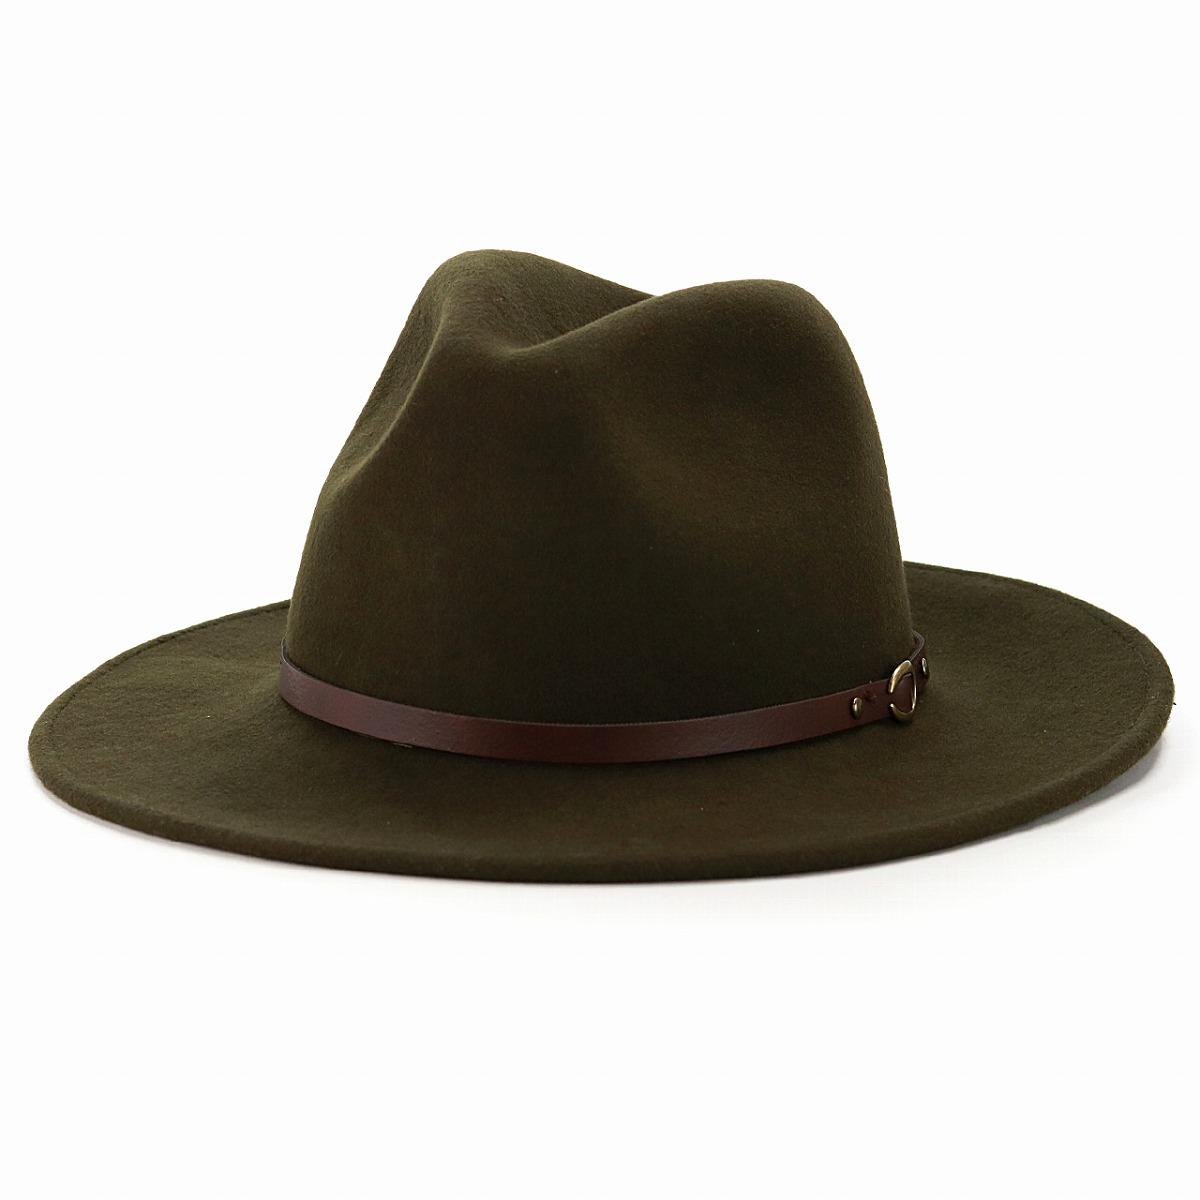 1d841266359768 ... Christie's hat men's wide brim Christie's London brim wide Hat  autumn/winter Safari Hat Hat ...